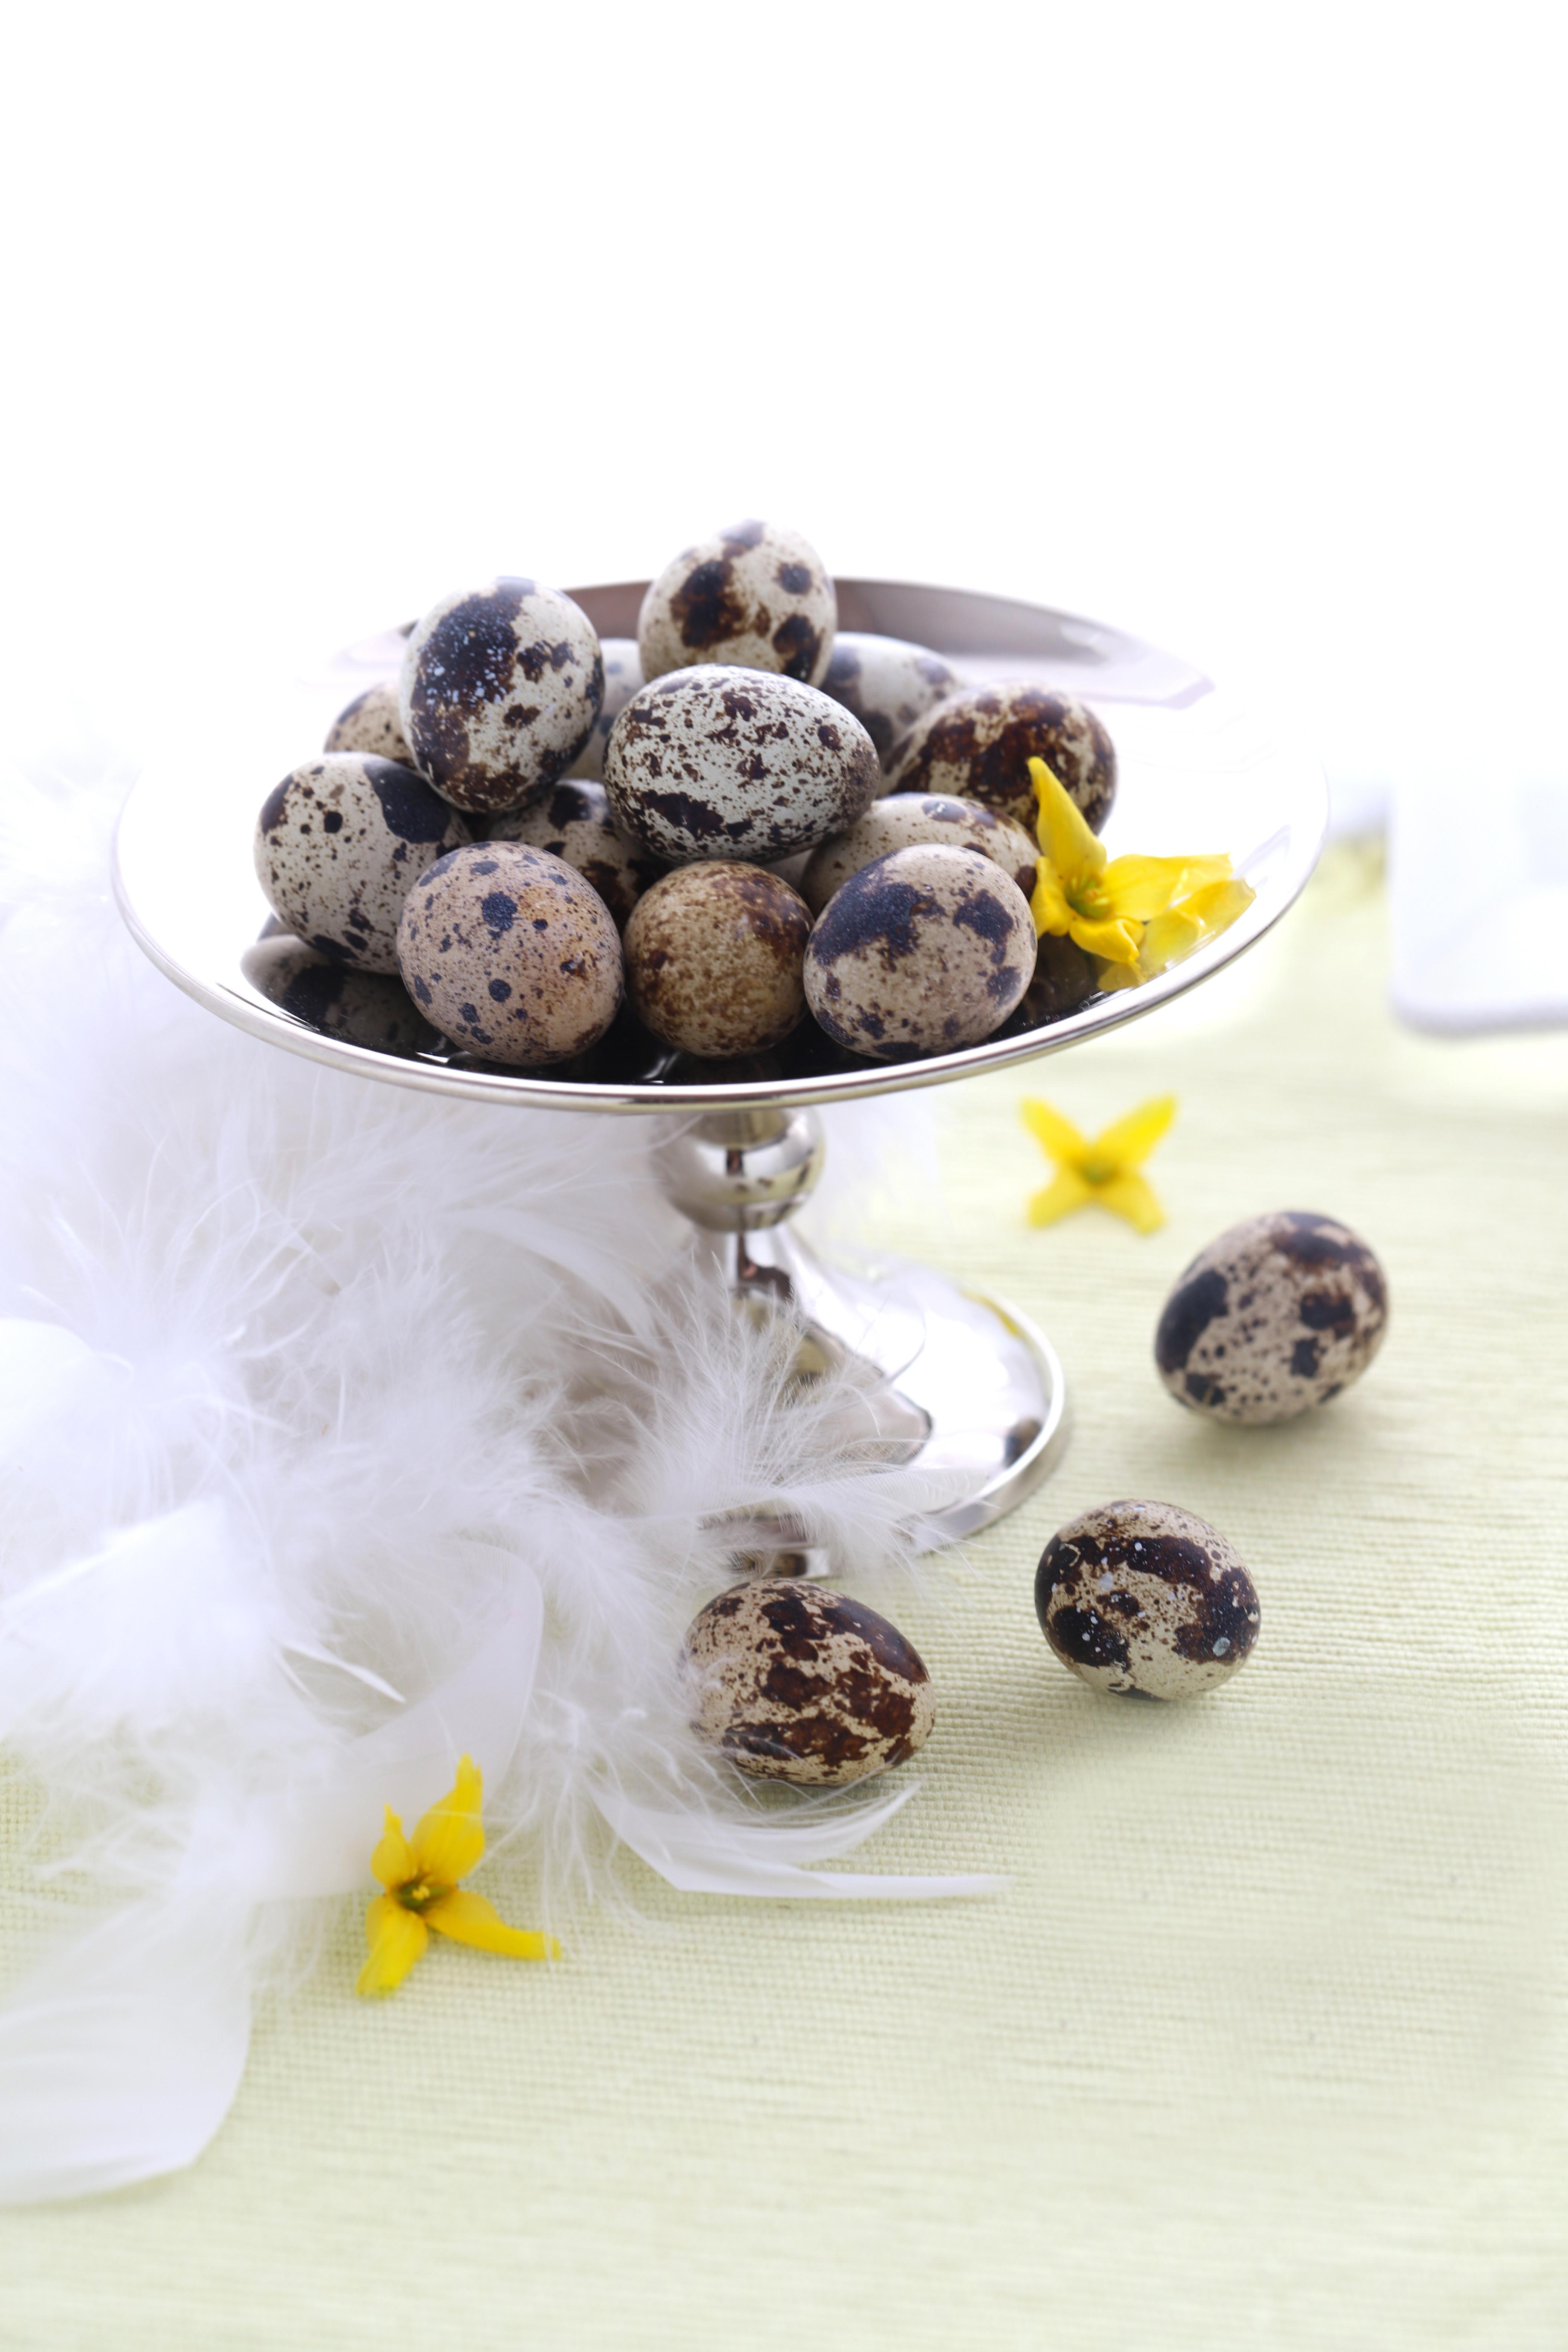 oeufs de caille - quail eggs - delimoon.com